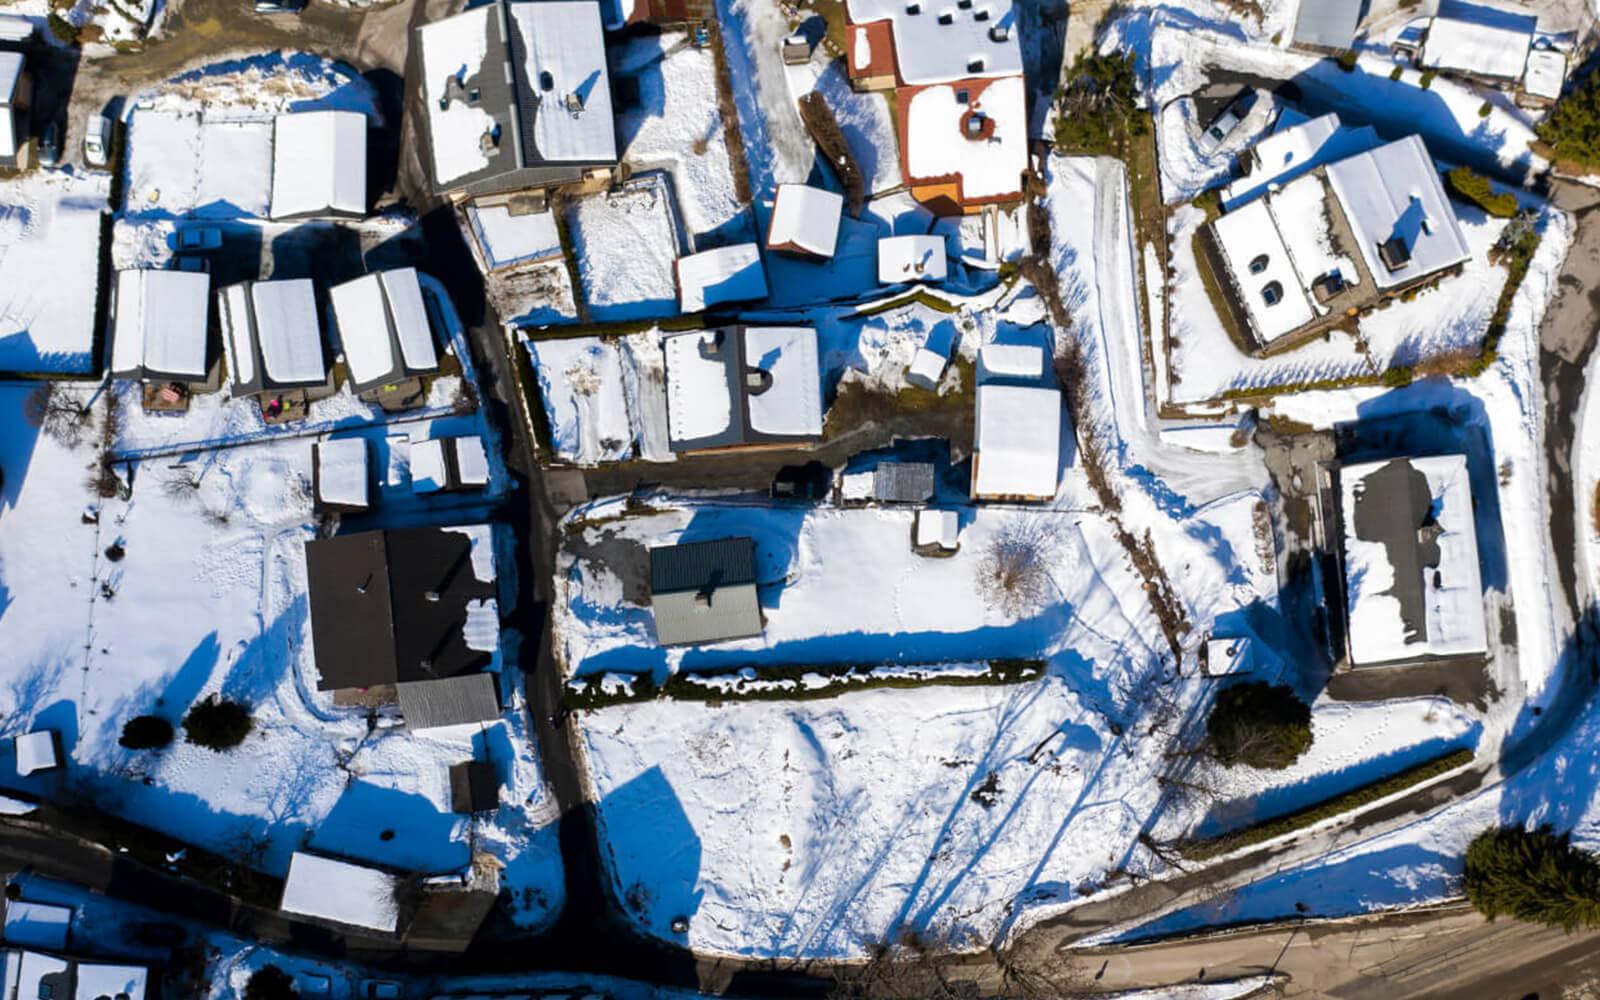 Vue du quartier du Cristal des Alpes